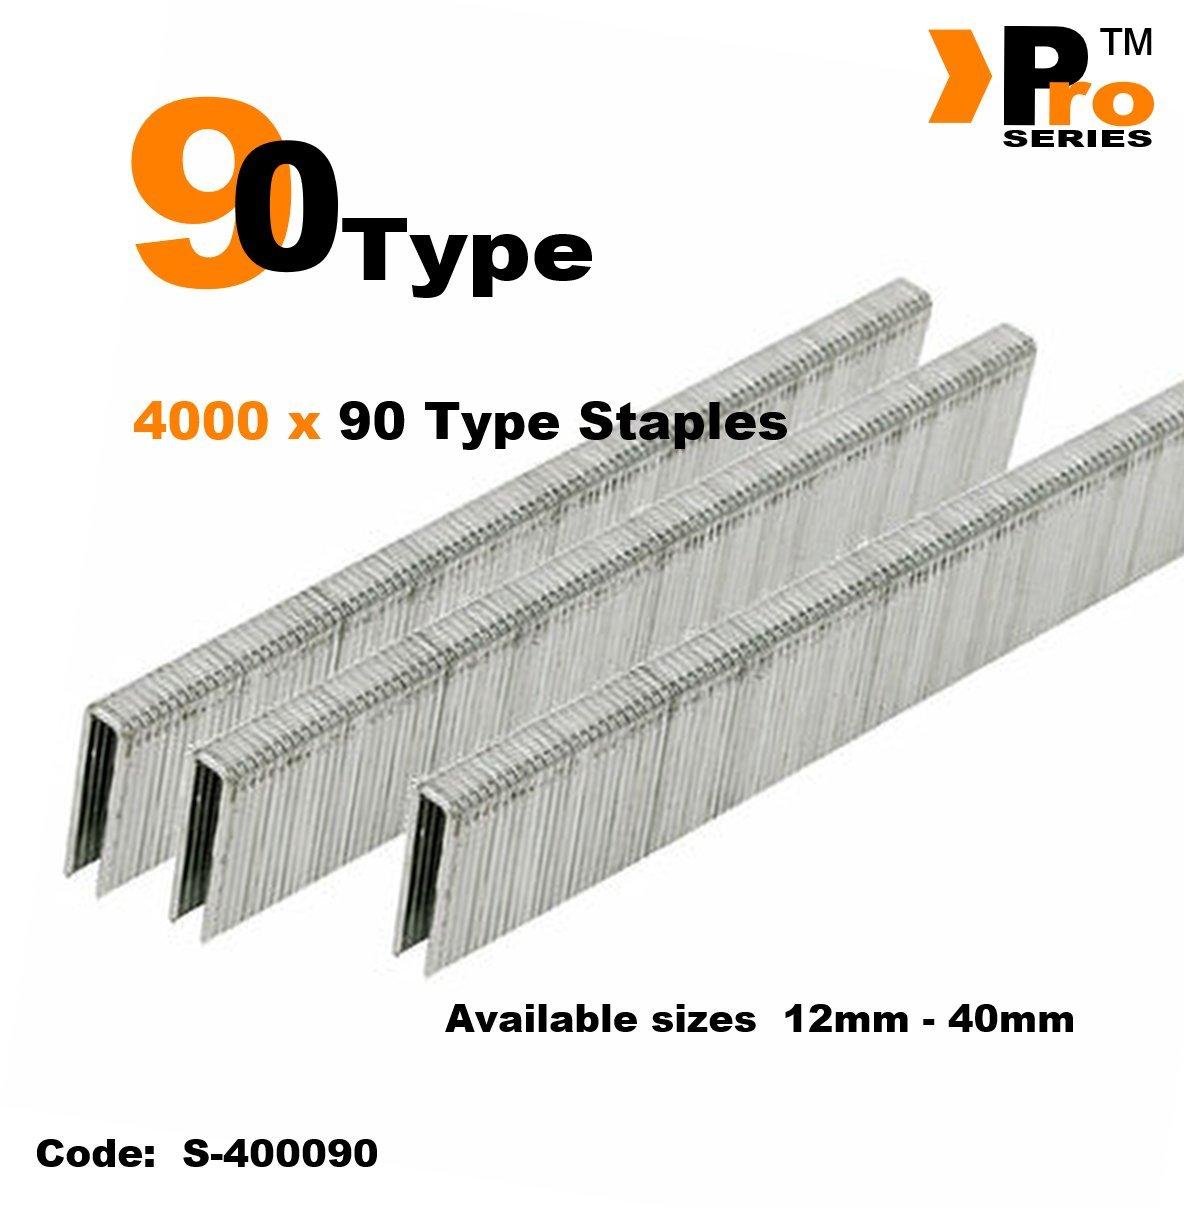 90 Type 1000 x 20mm Staples